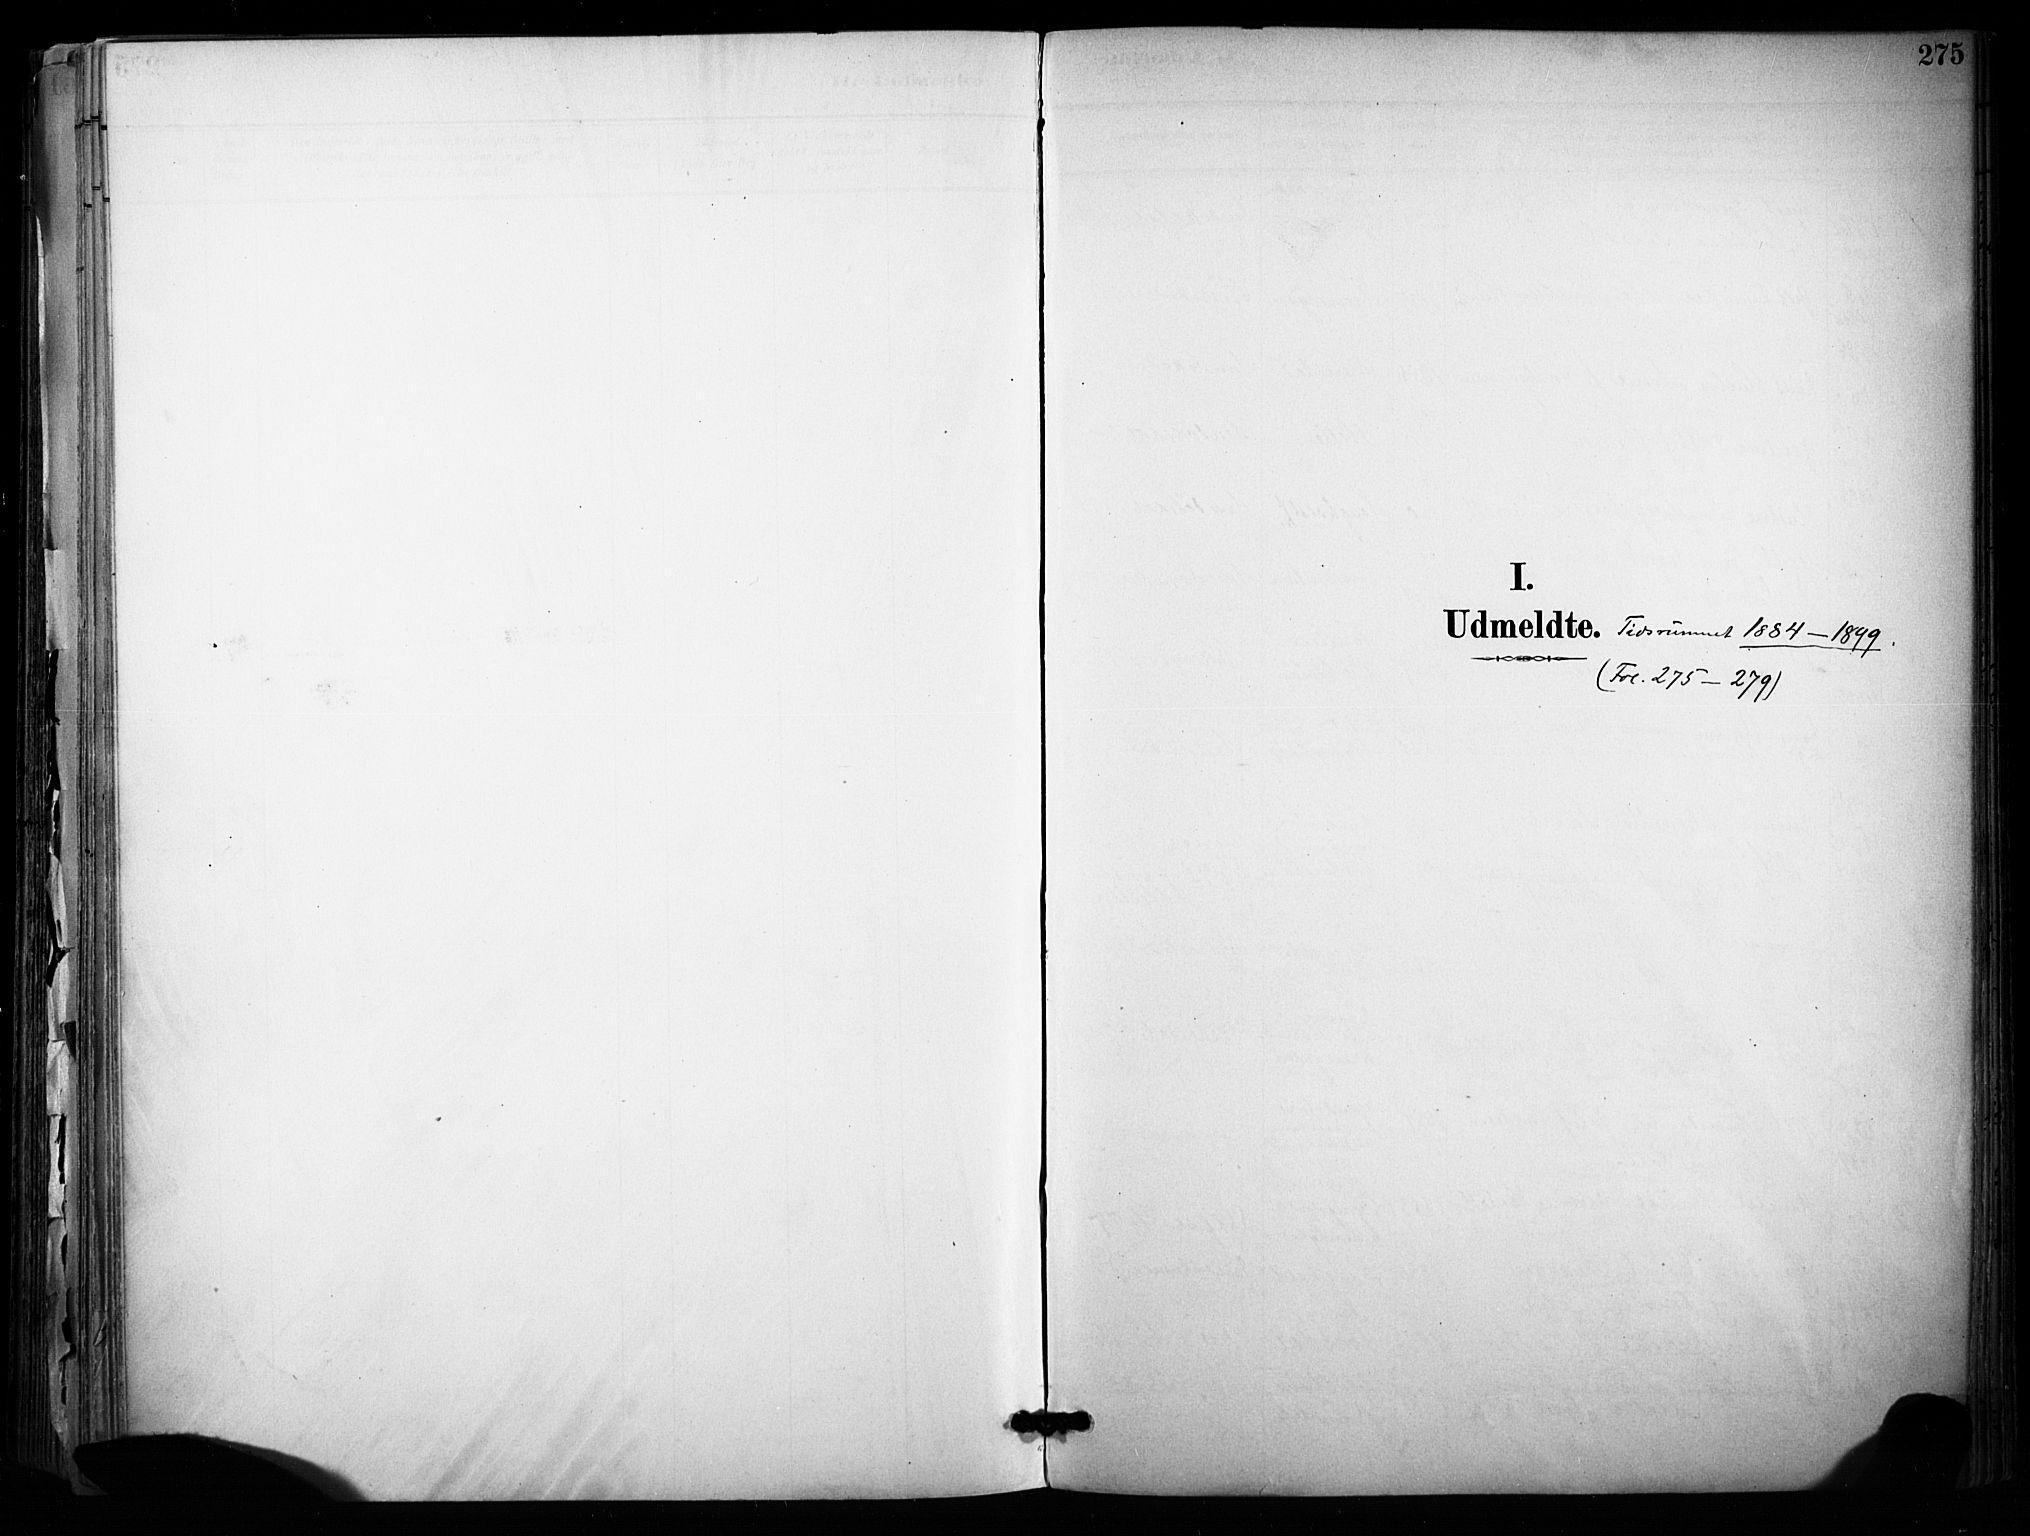 SAKO, Sannidal kirkebøker, F/Fa/L0015: Ministerialbok nr. 15, 1884-1899, s. 275